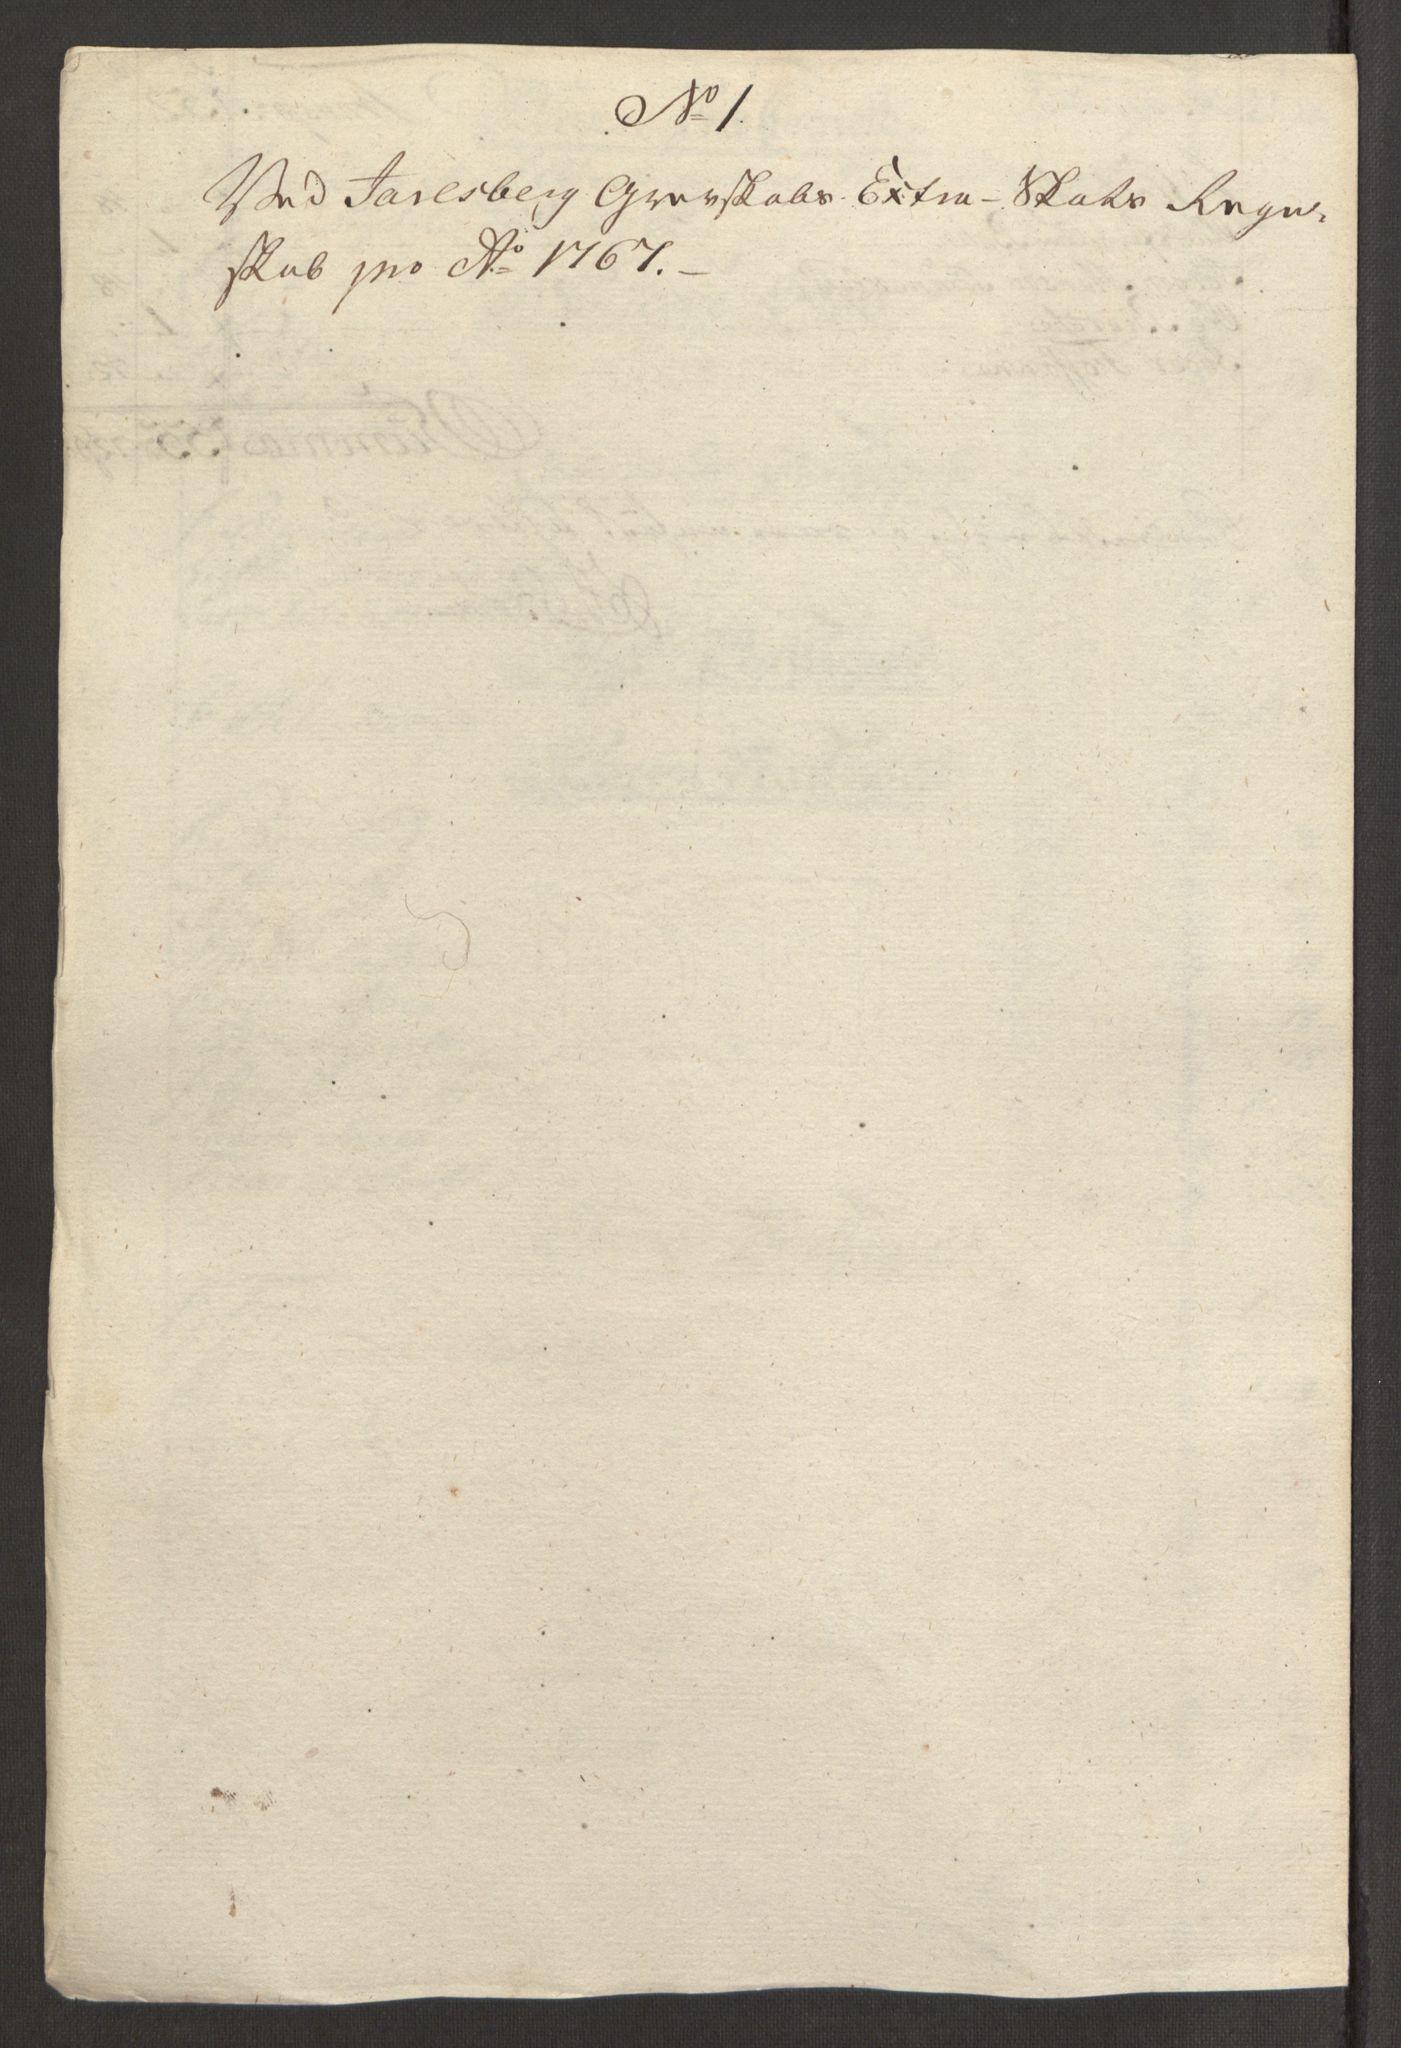 RA, Rentekammeret inntil 1814, Reviderte regnskaper, Fogderegnskap, R32/L1960: Ekstraskatten Jarlsberg grevskap, 1762-1772, s. 130